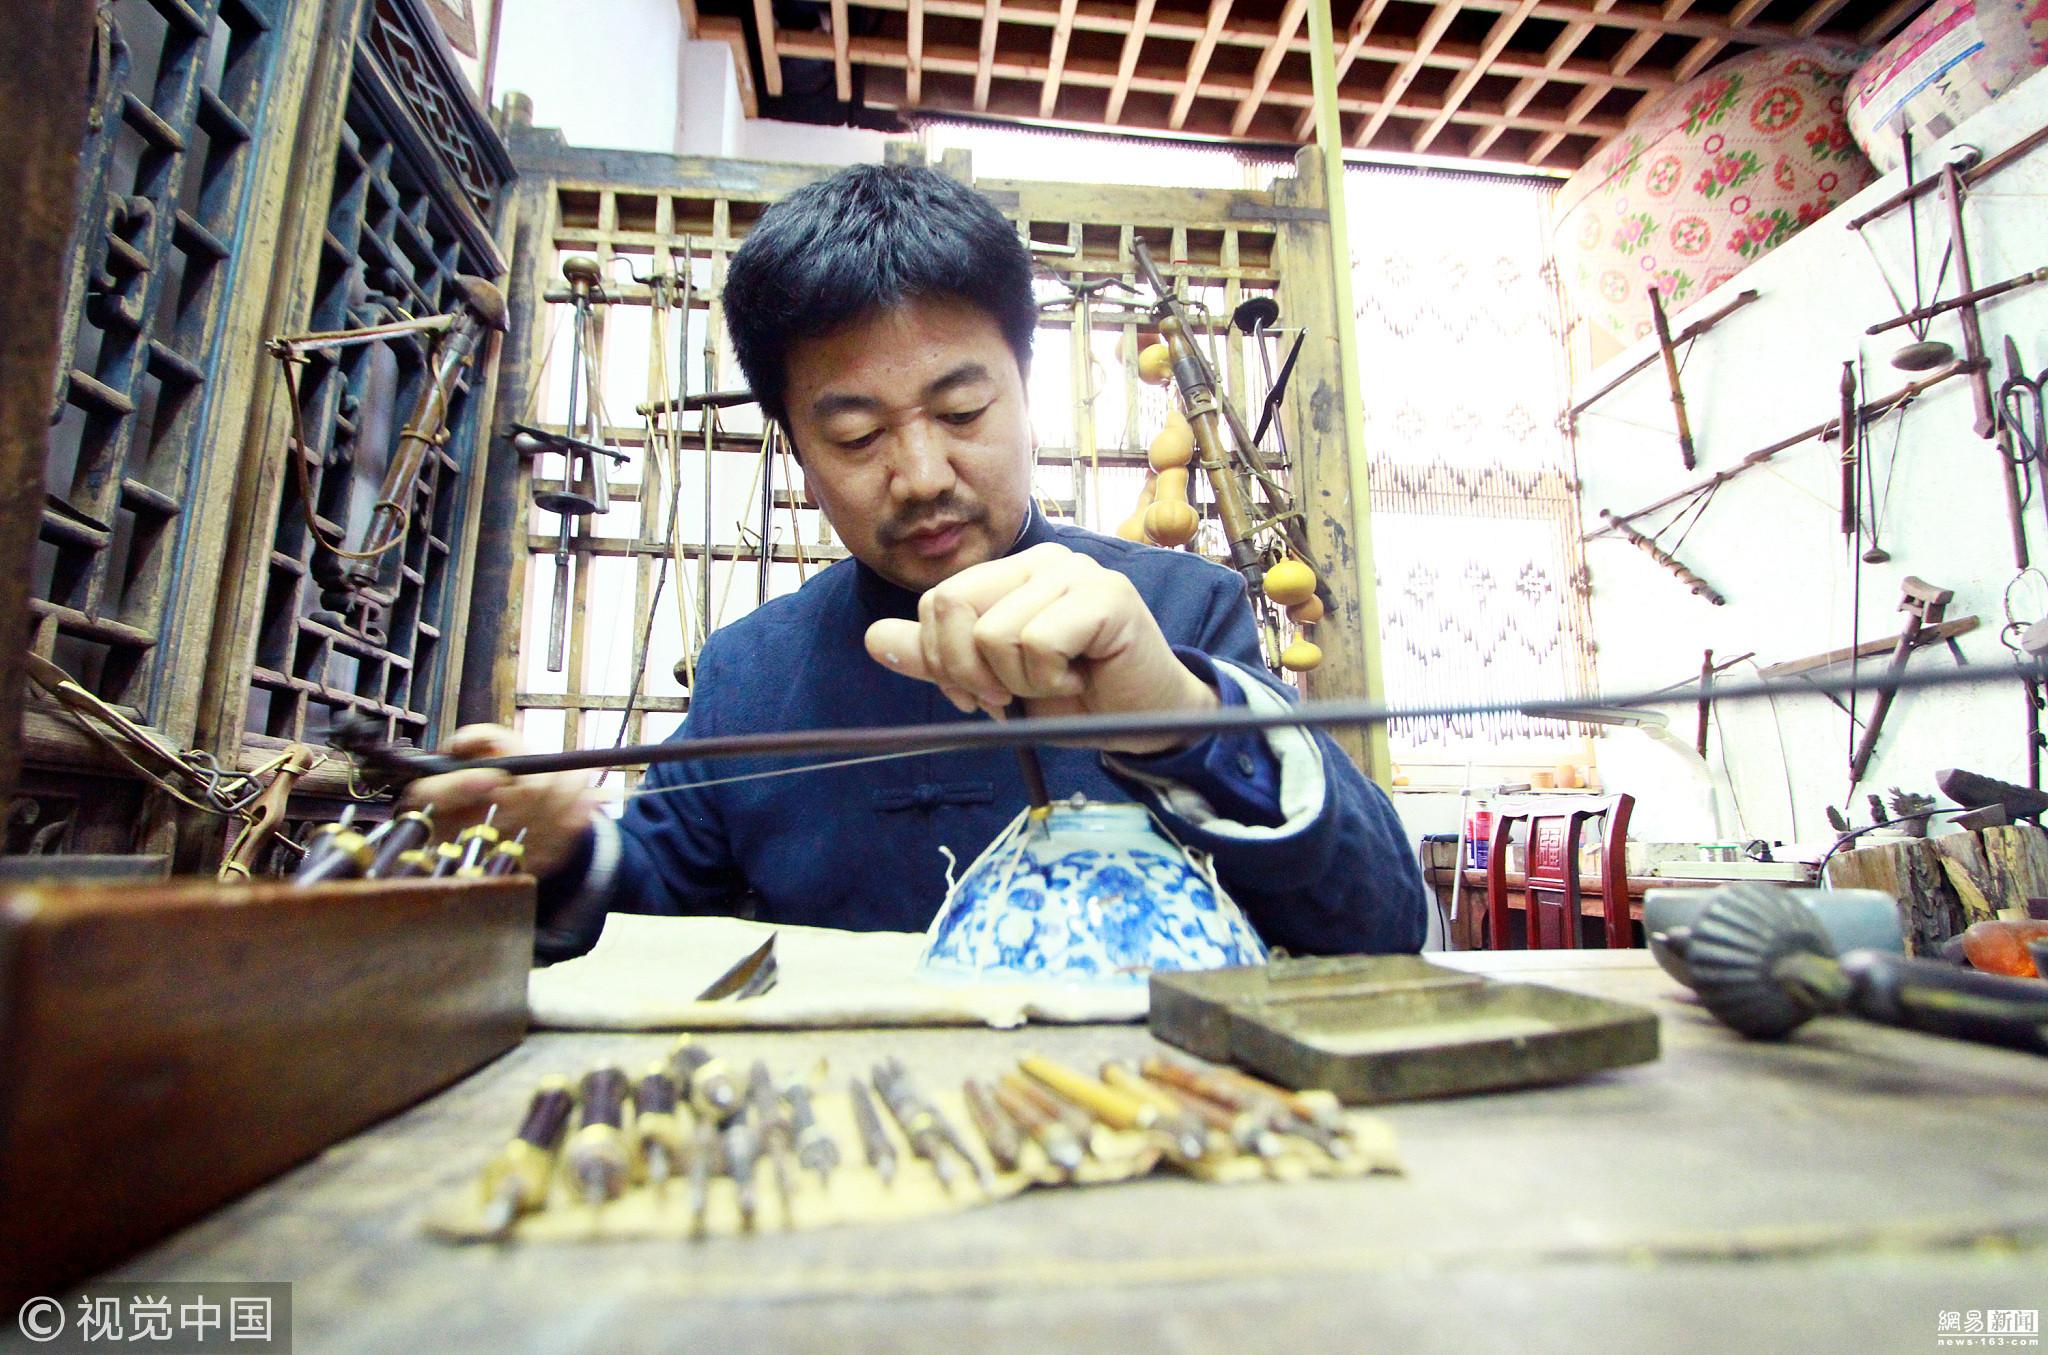 百万富翁破产后修东西为生 修一个碗上千元 - 周公乐 - xinhua8848 的博客